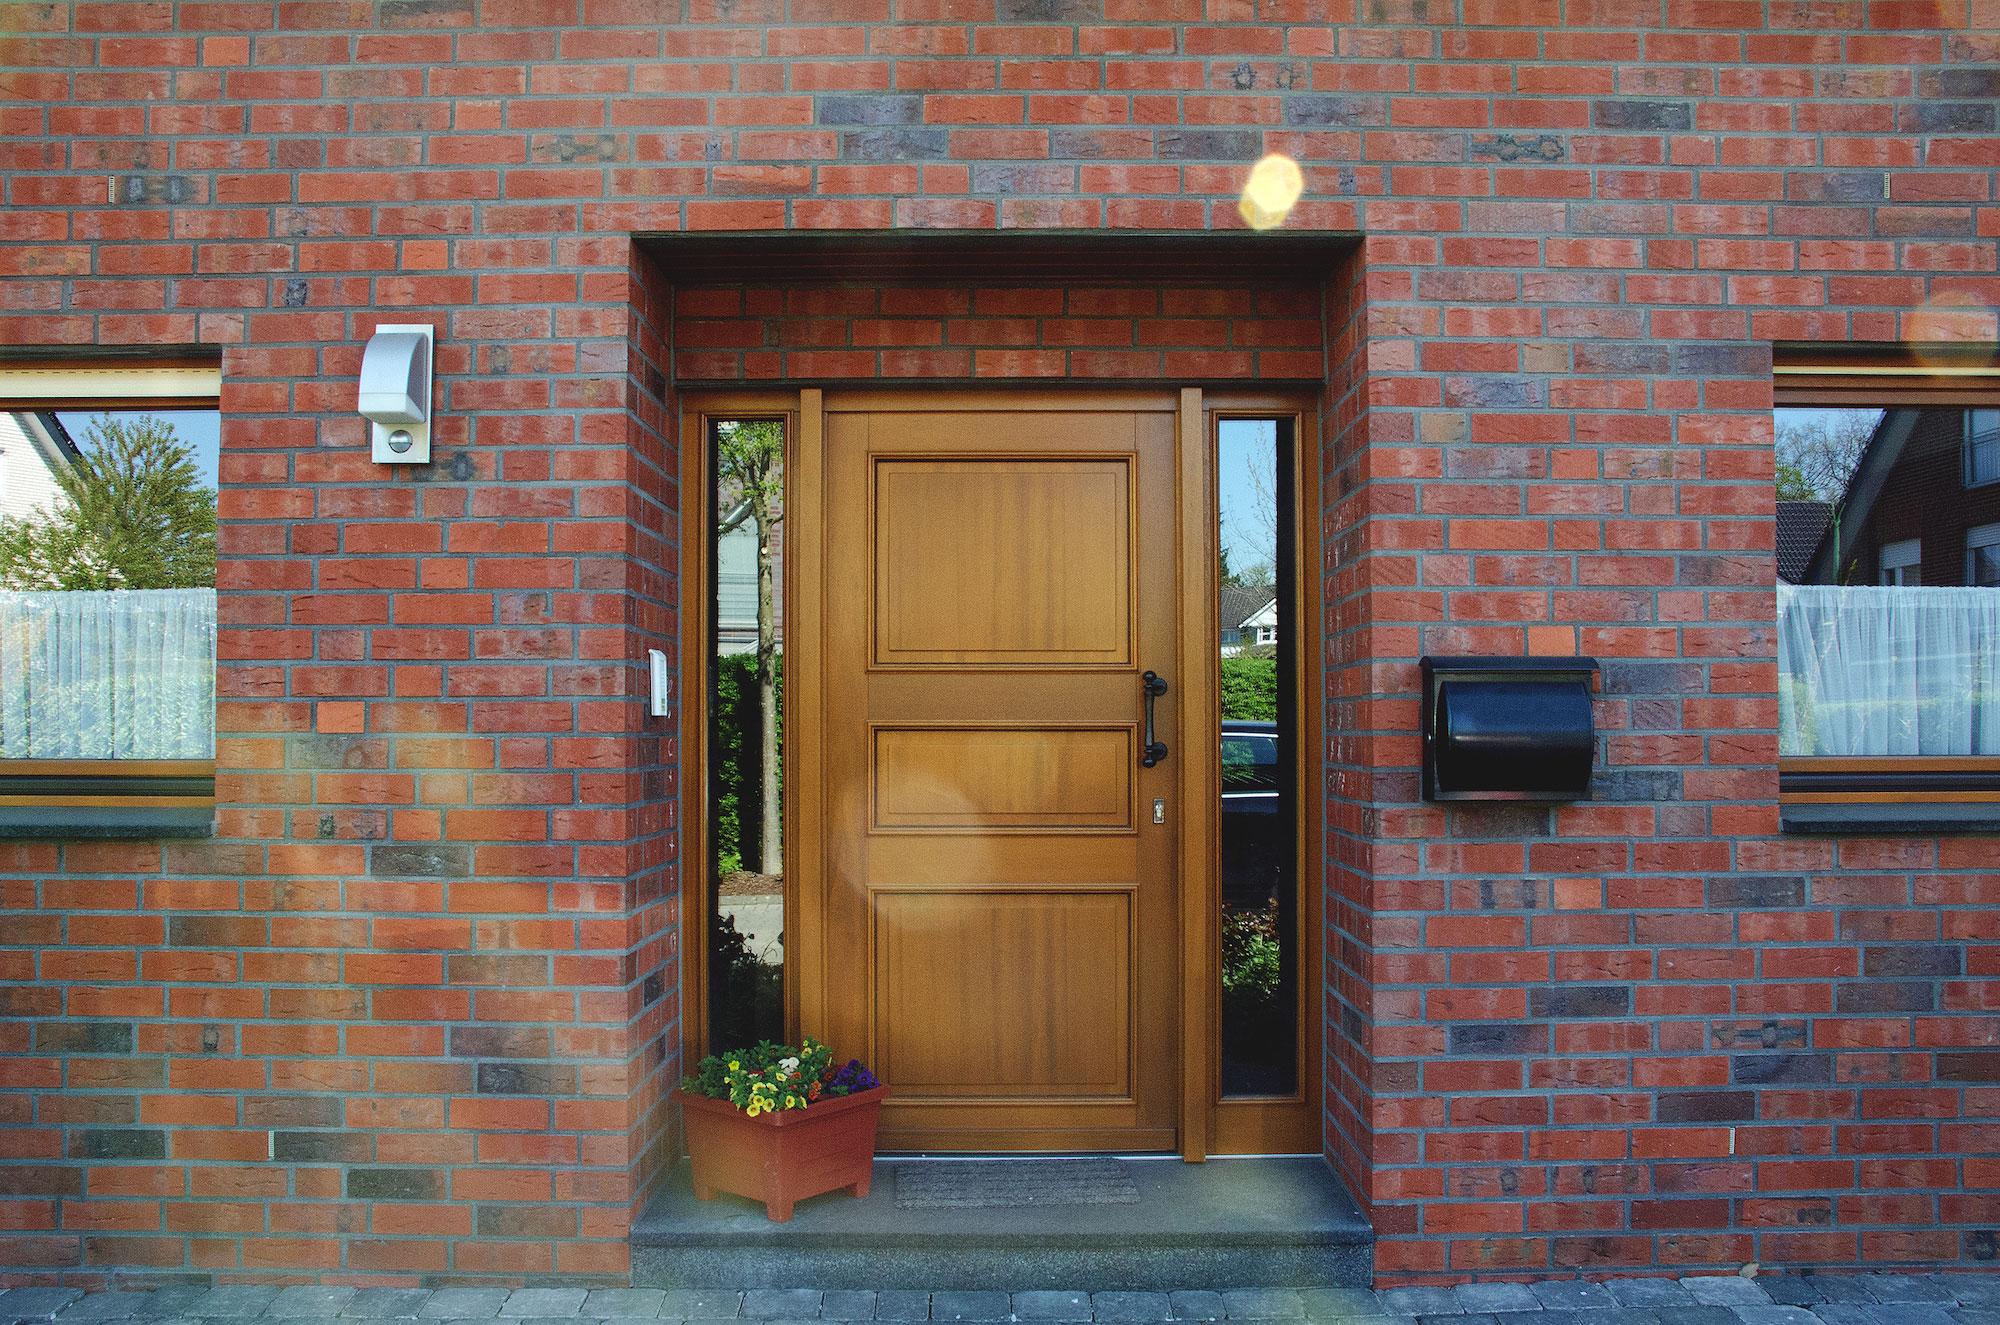 Full Size of Fenster Deko Weihnachten Licht Detail Holzbau Ist Der Die Oder Das Dekoration Schnitt Pdf Dekorieren Fensterdeko Basteln Home Niewhner Fenster Fenster.de